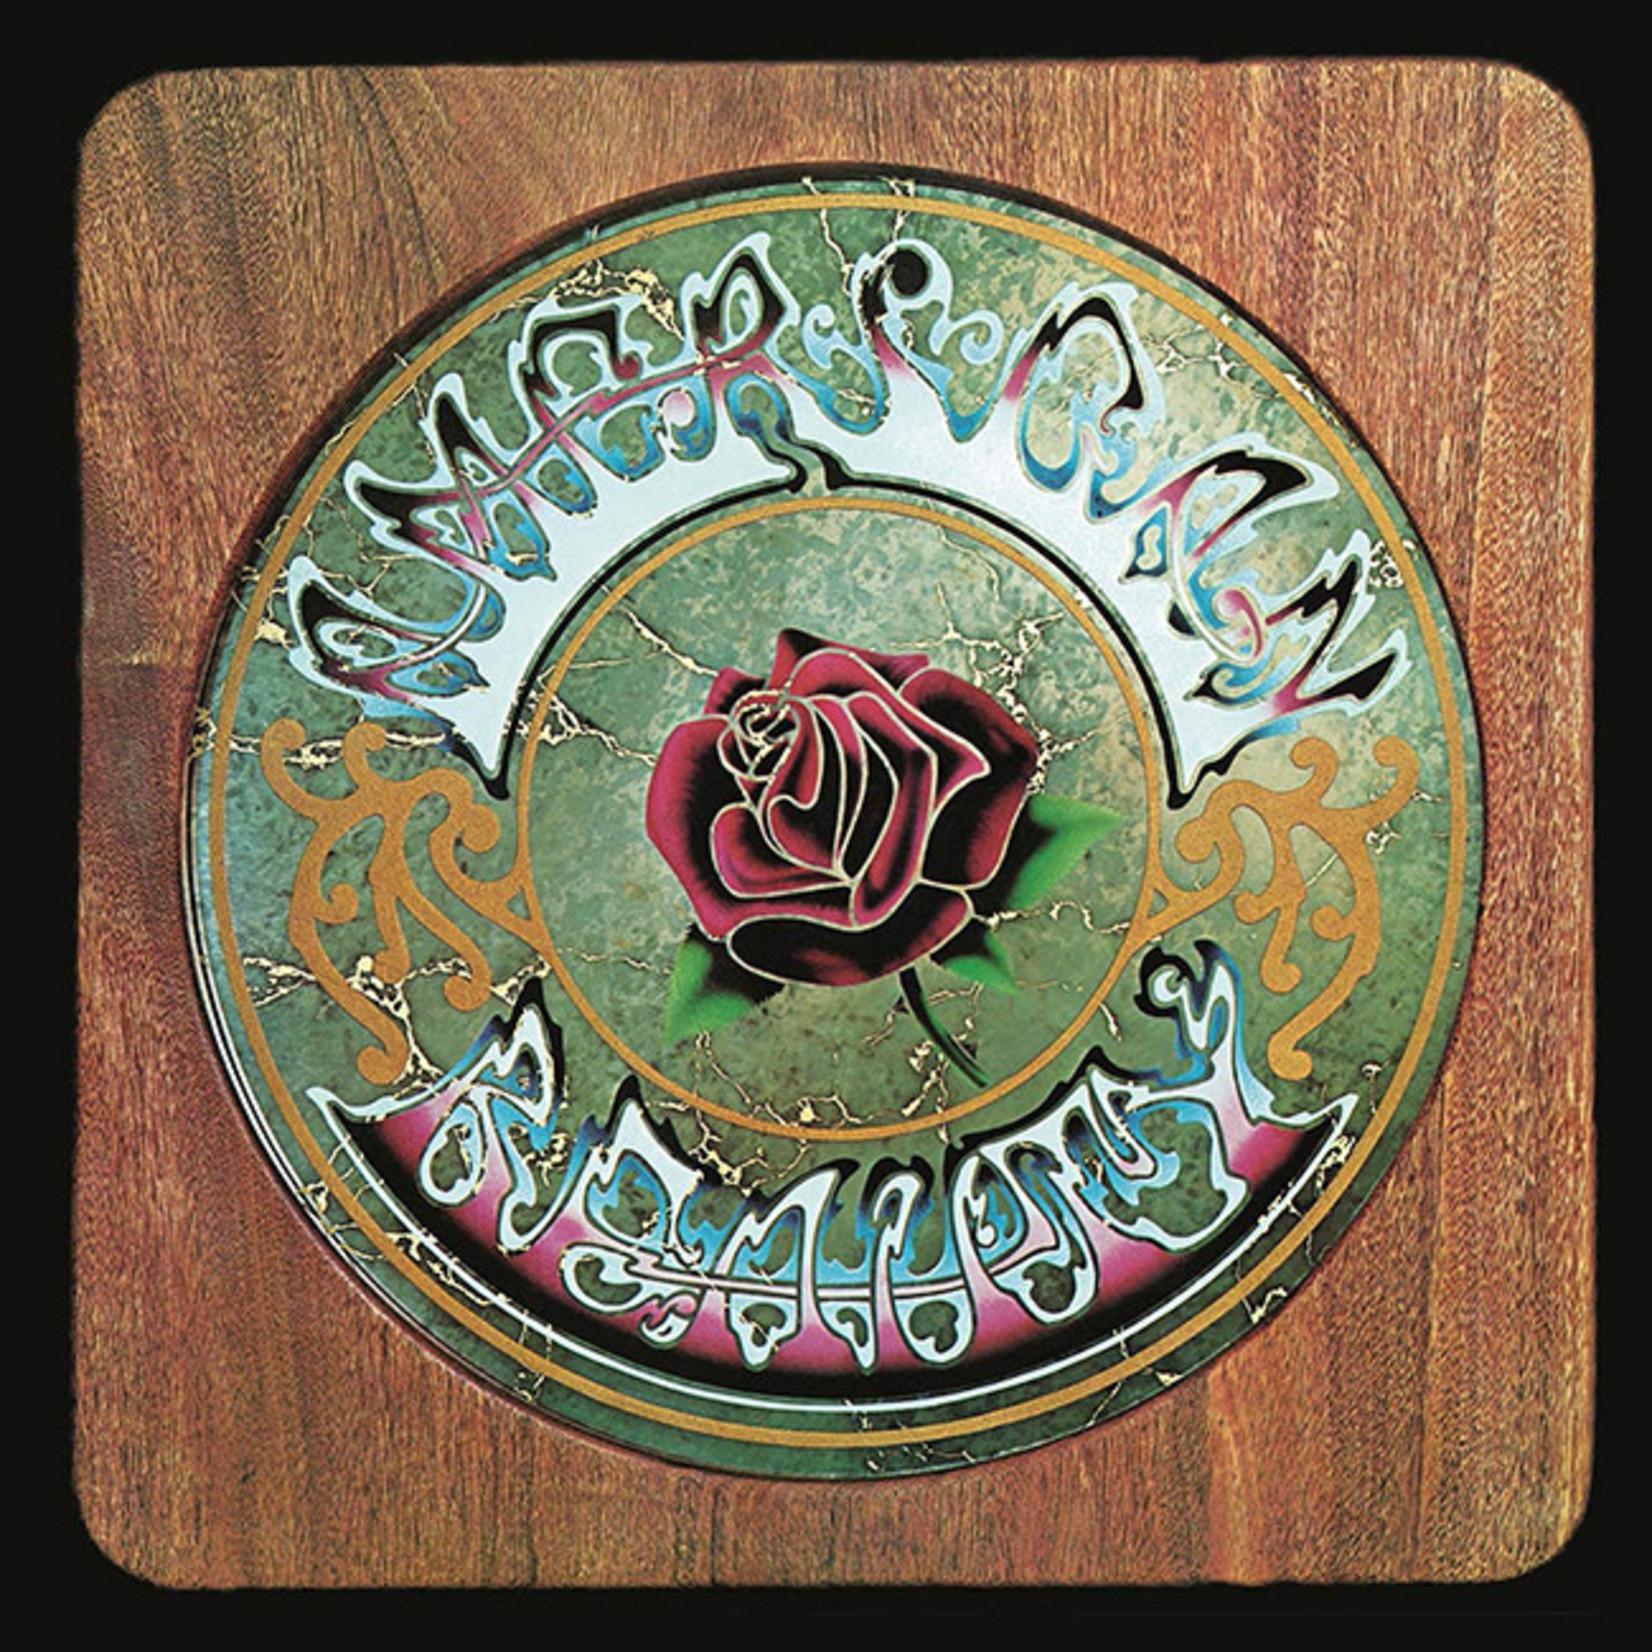 [New] Grateful Dead: American Beauty